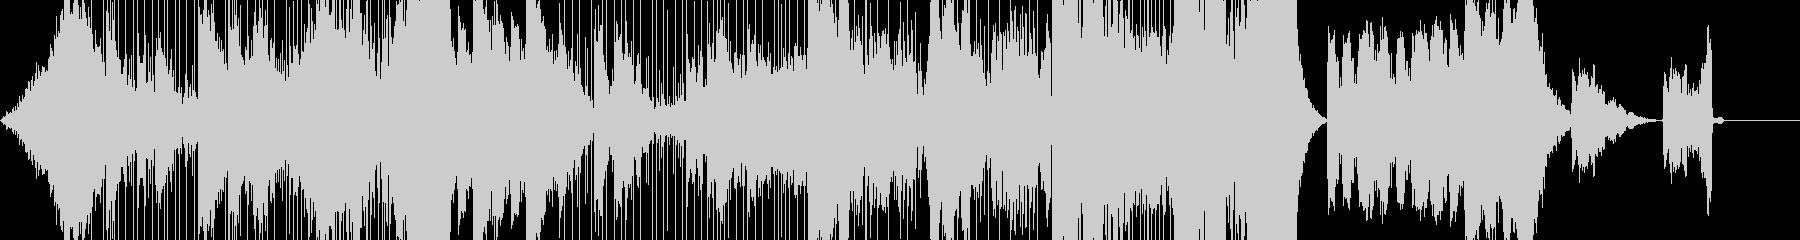 緊迫した雰囲気のダークファンタジー系音楽の未再生の波形